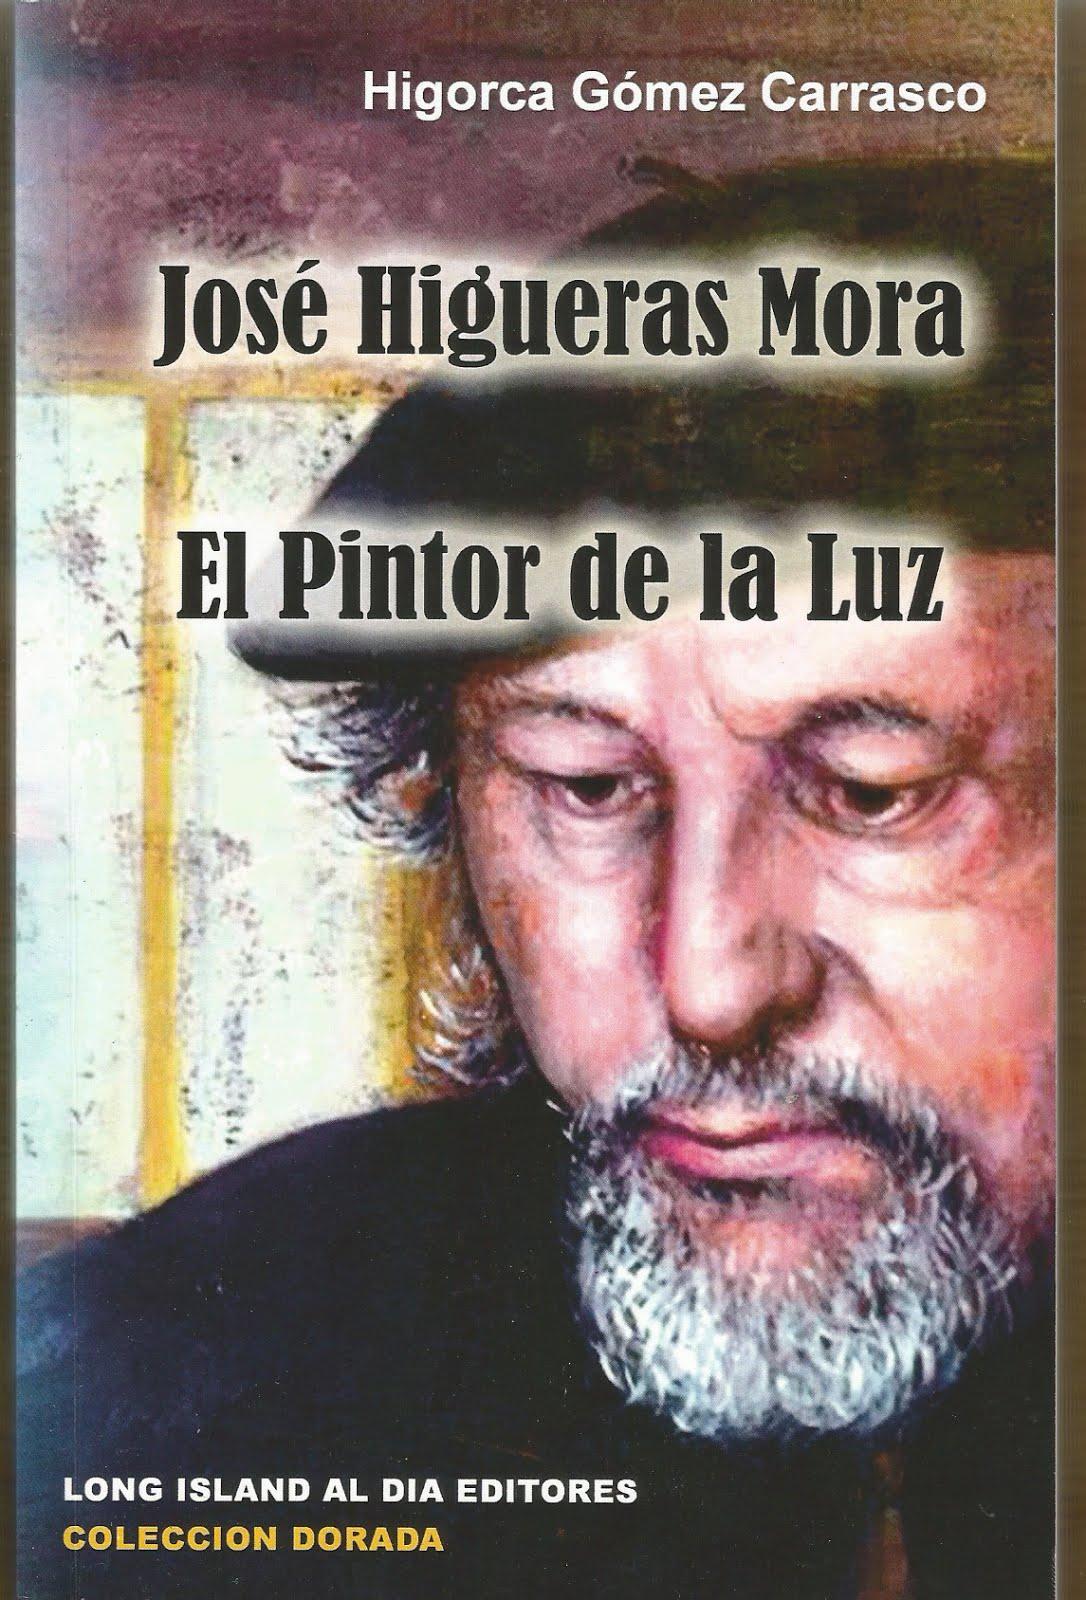 EL PINTOR DE LA LUZ